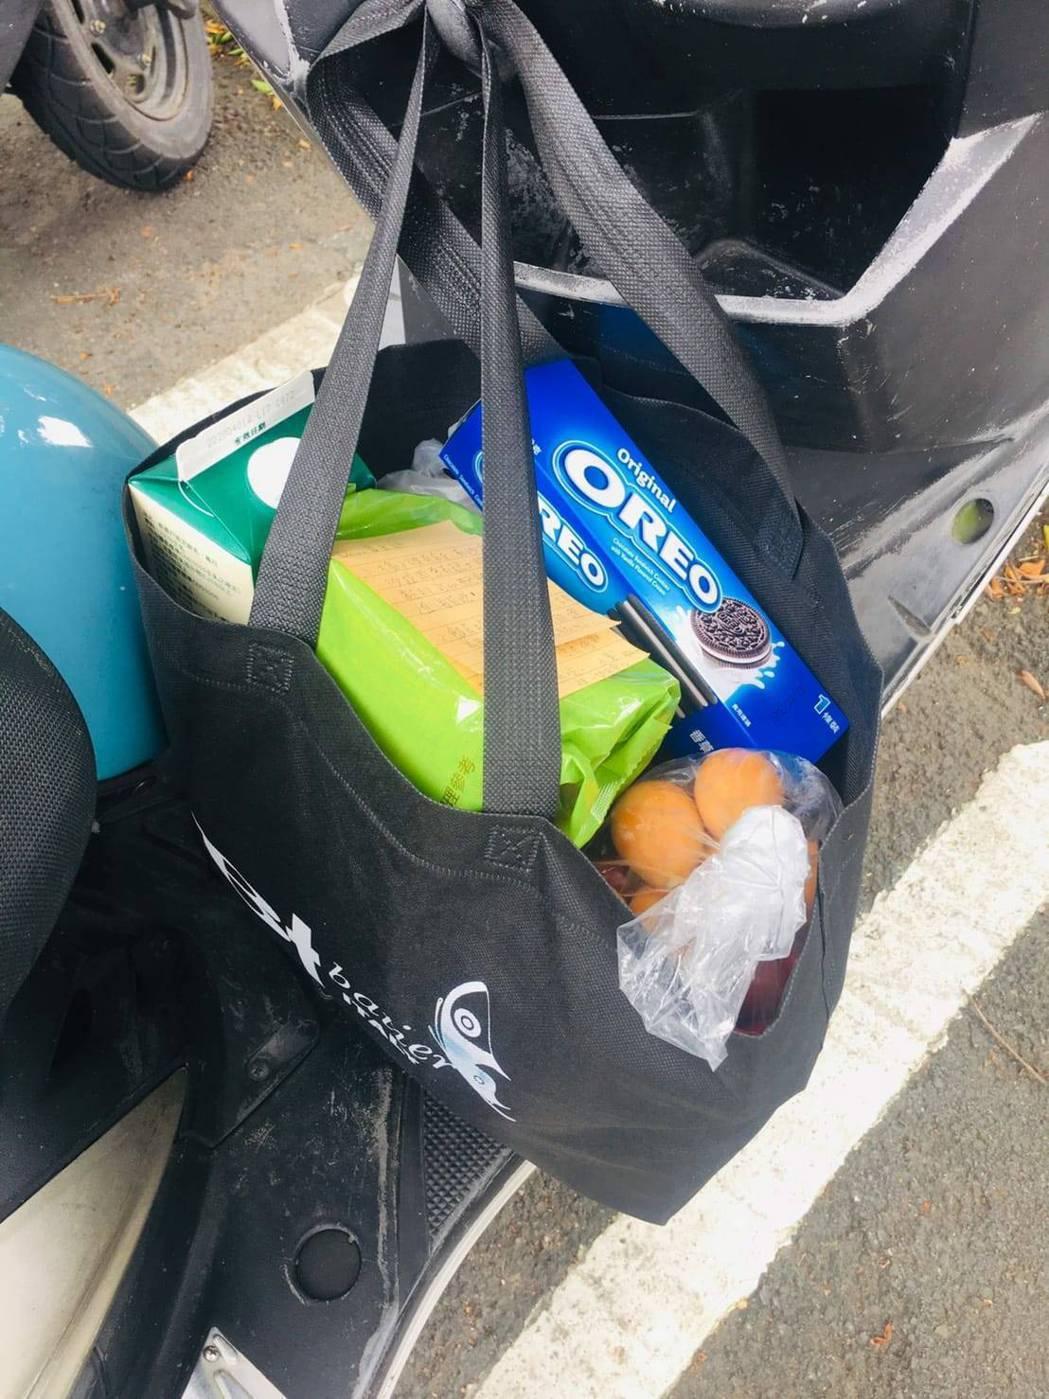 田士廣的粉絲特別送餅乾等食物,掛在他的摩托車上。圖/經紀人提供